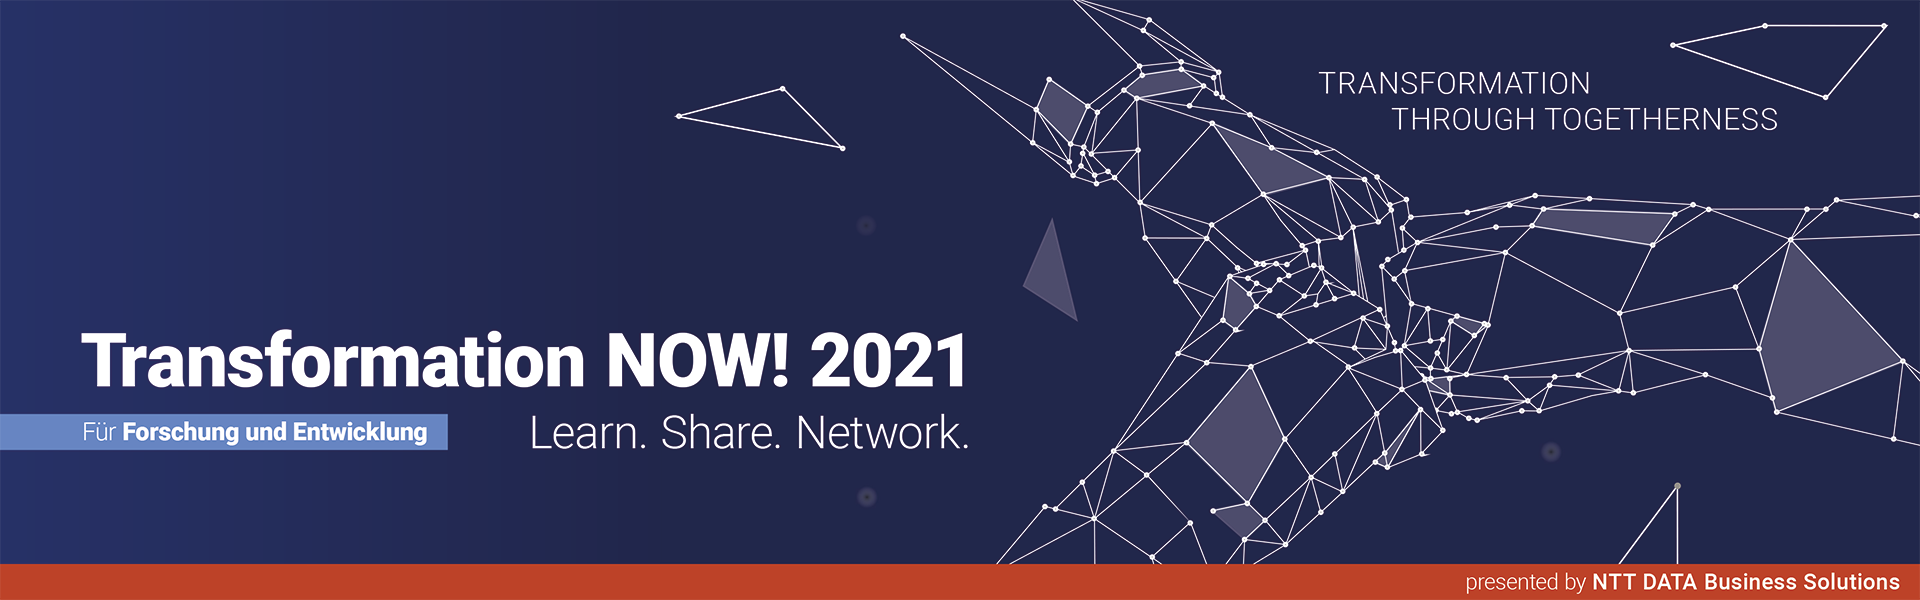 Transformation NOW! 2021 für Forschung und Entwicklung